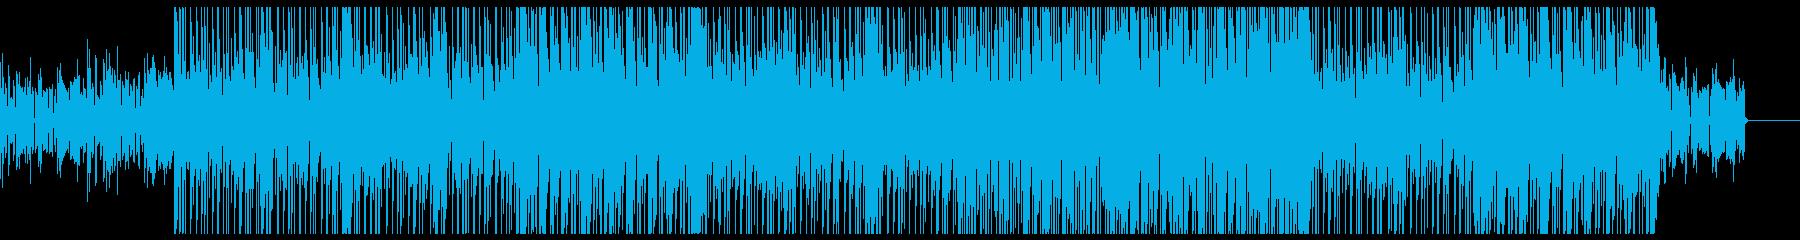 グルービーなエレクトリック・ファンクの再生済みの波形